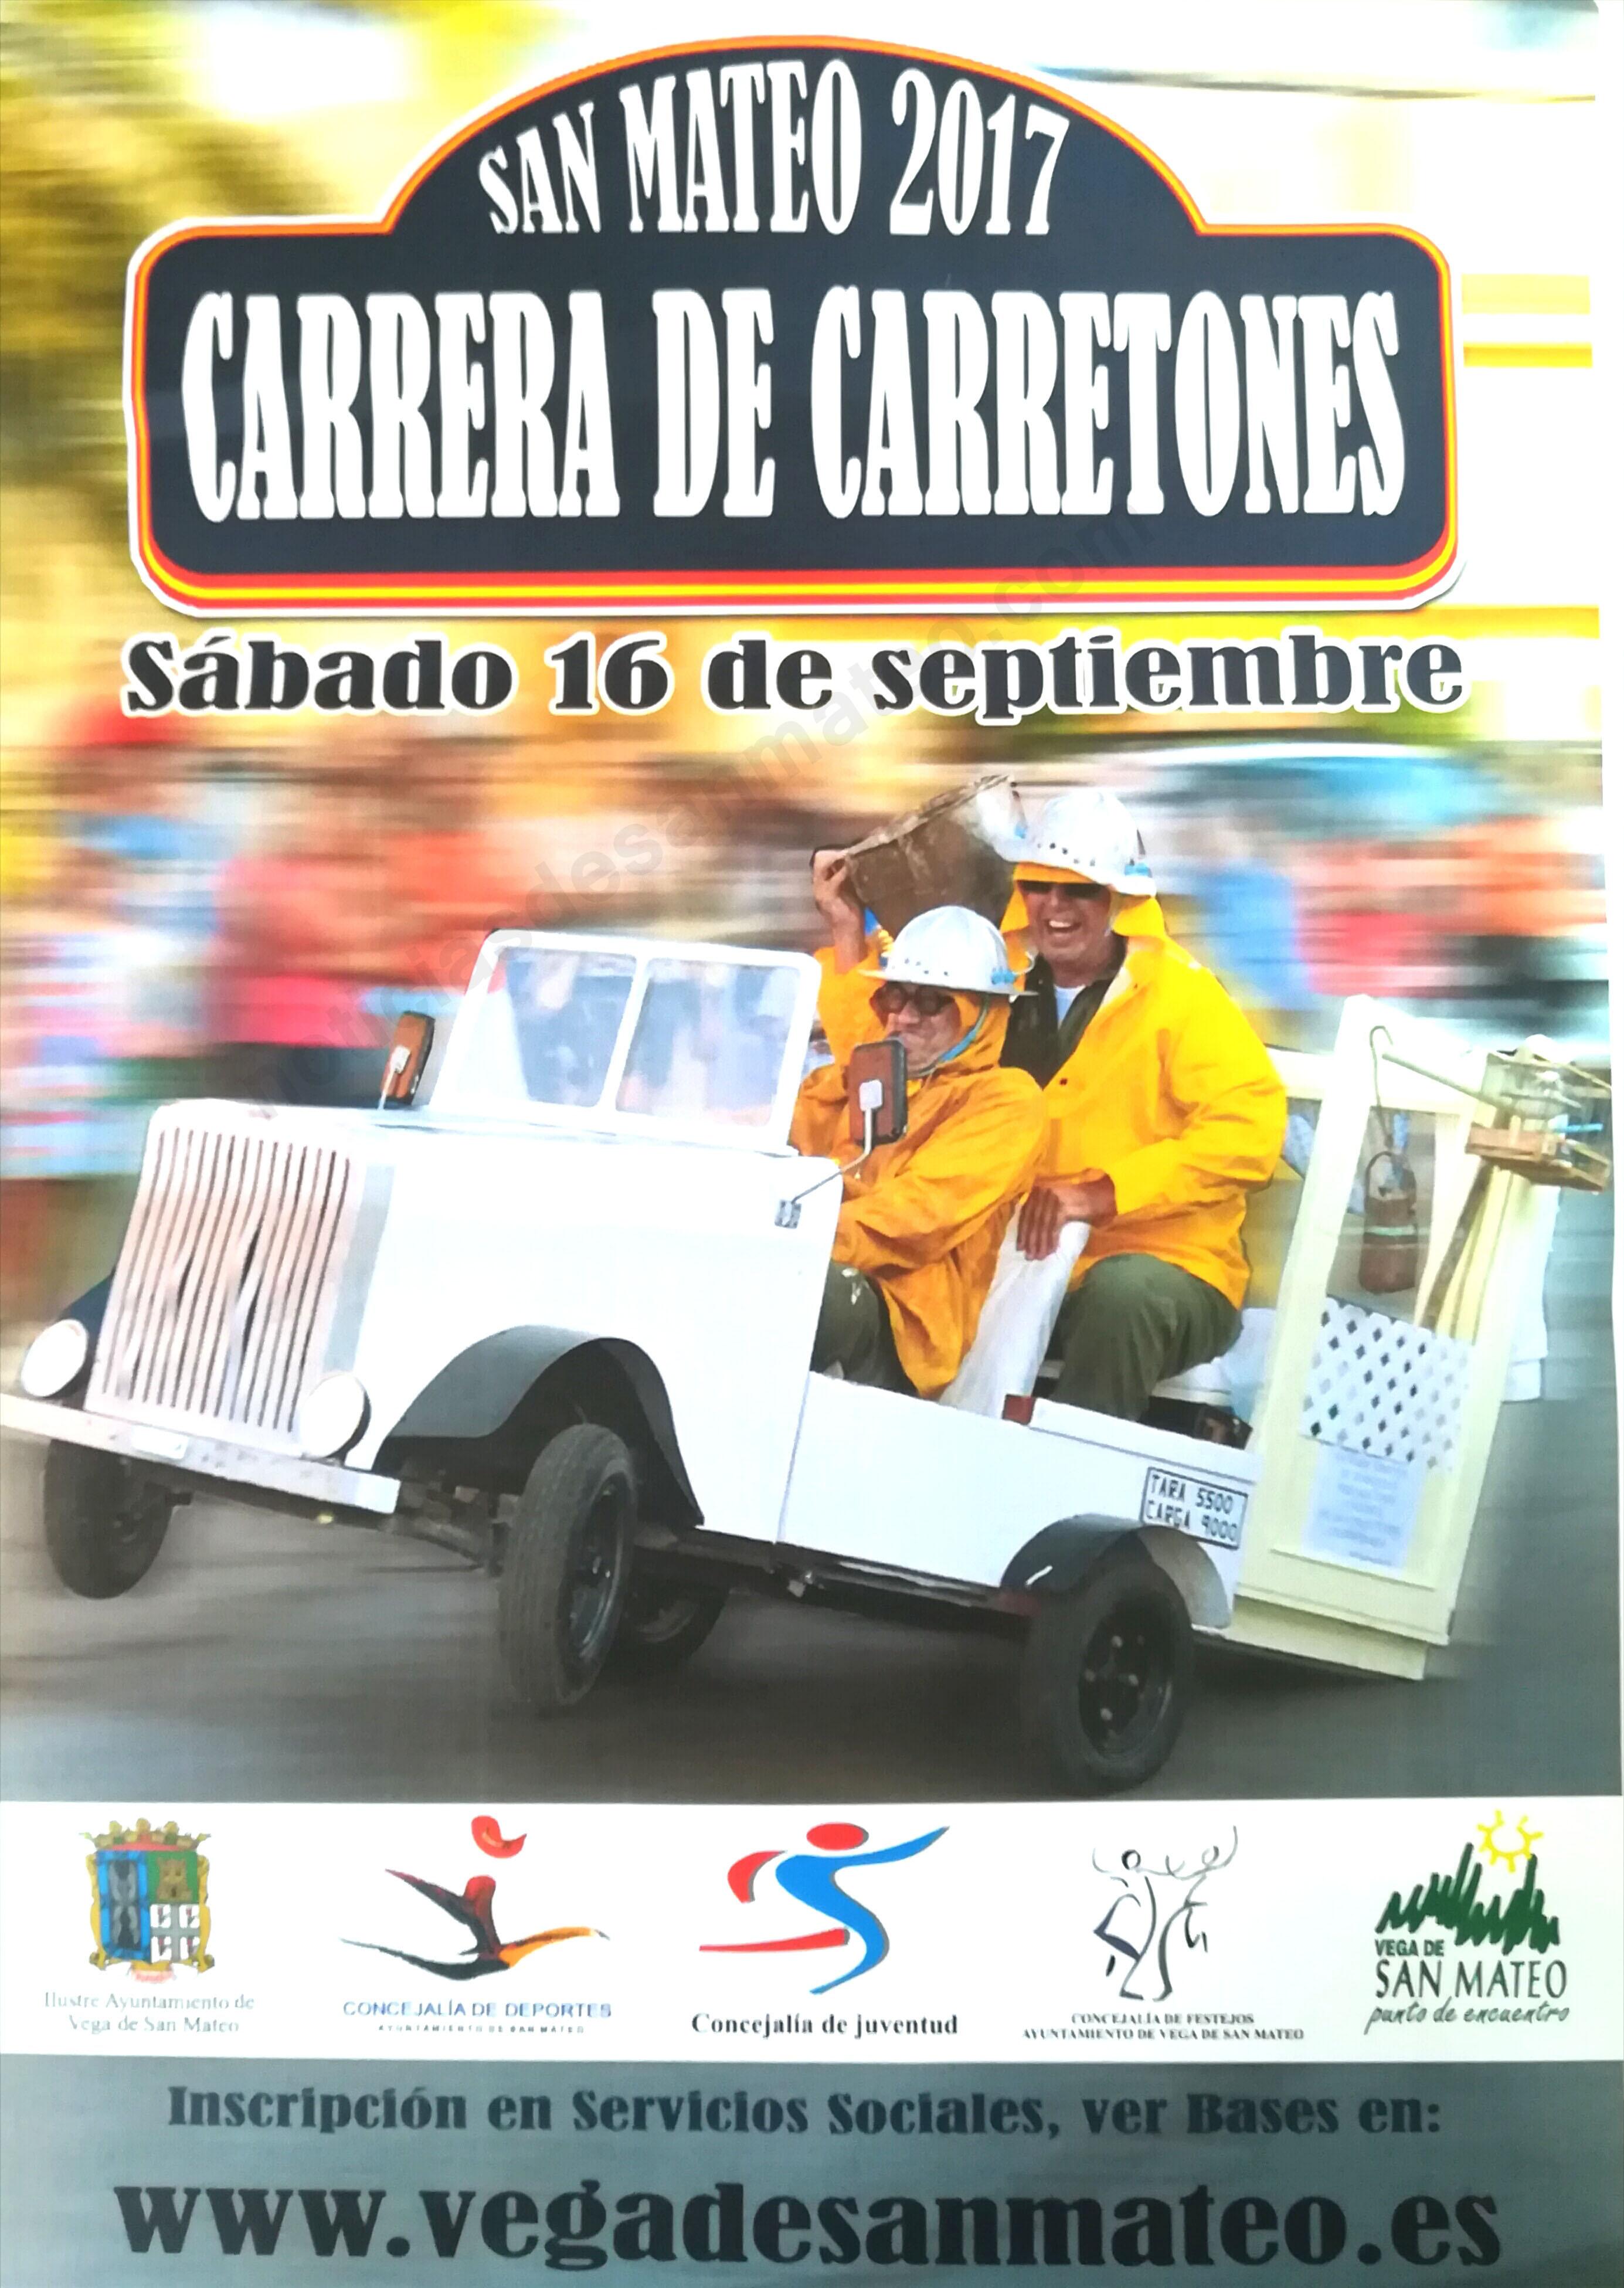 Cartel Carrera carretones 2017